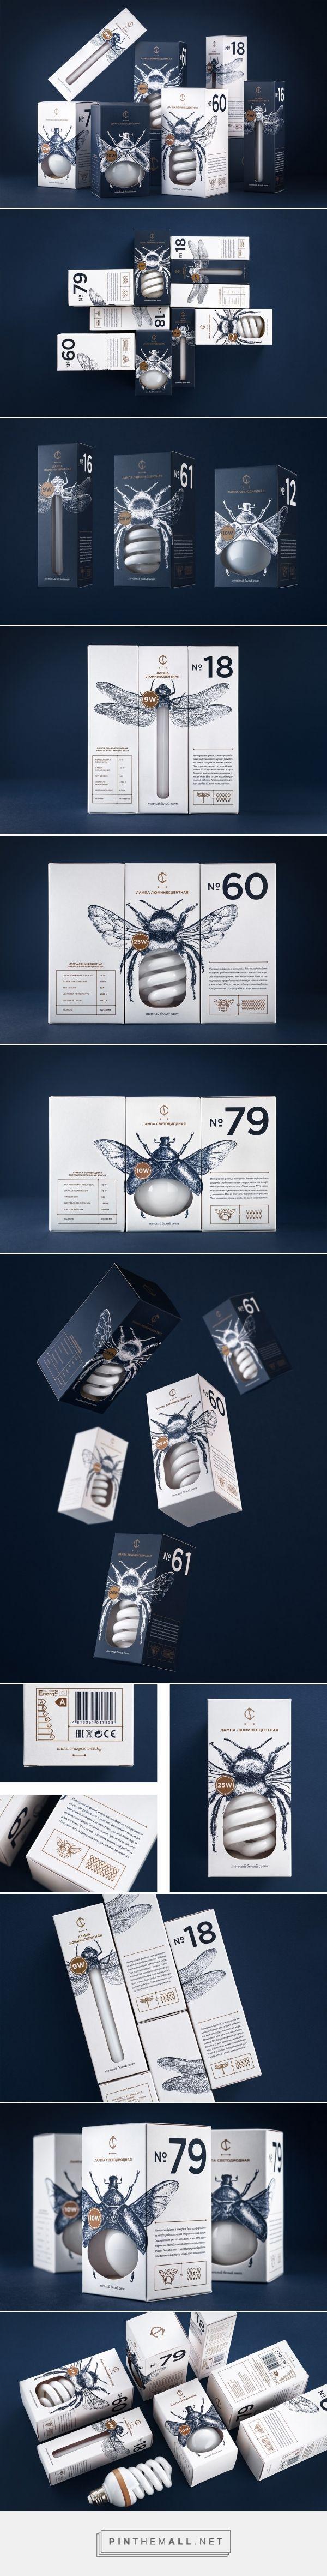 Project updated! CS Light Bulbs packaging design by Angelina Pischikova - http://www.packagingoftheworld.com/2017/03/cs-light-bulbs.html